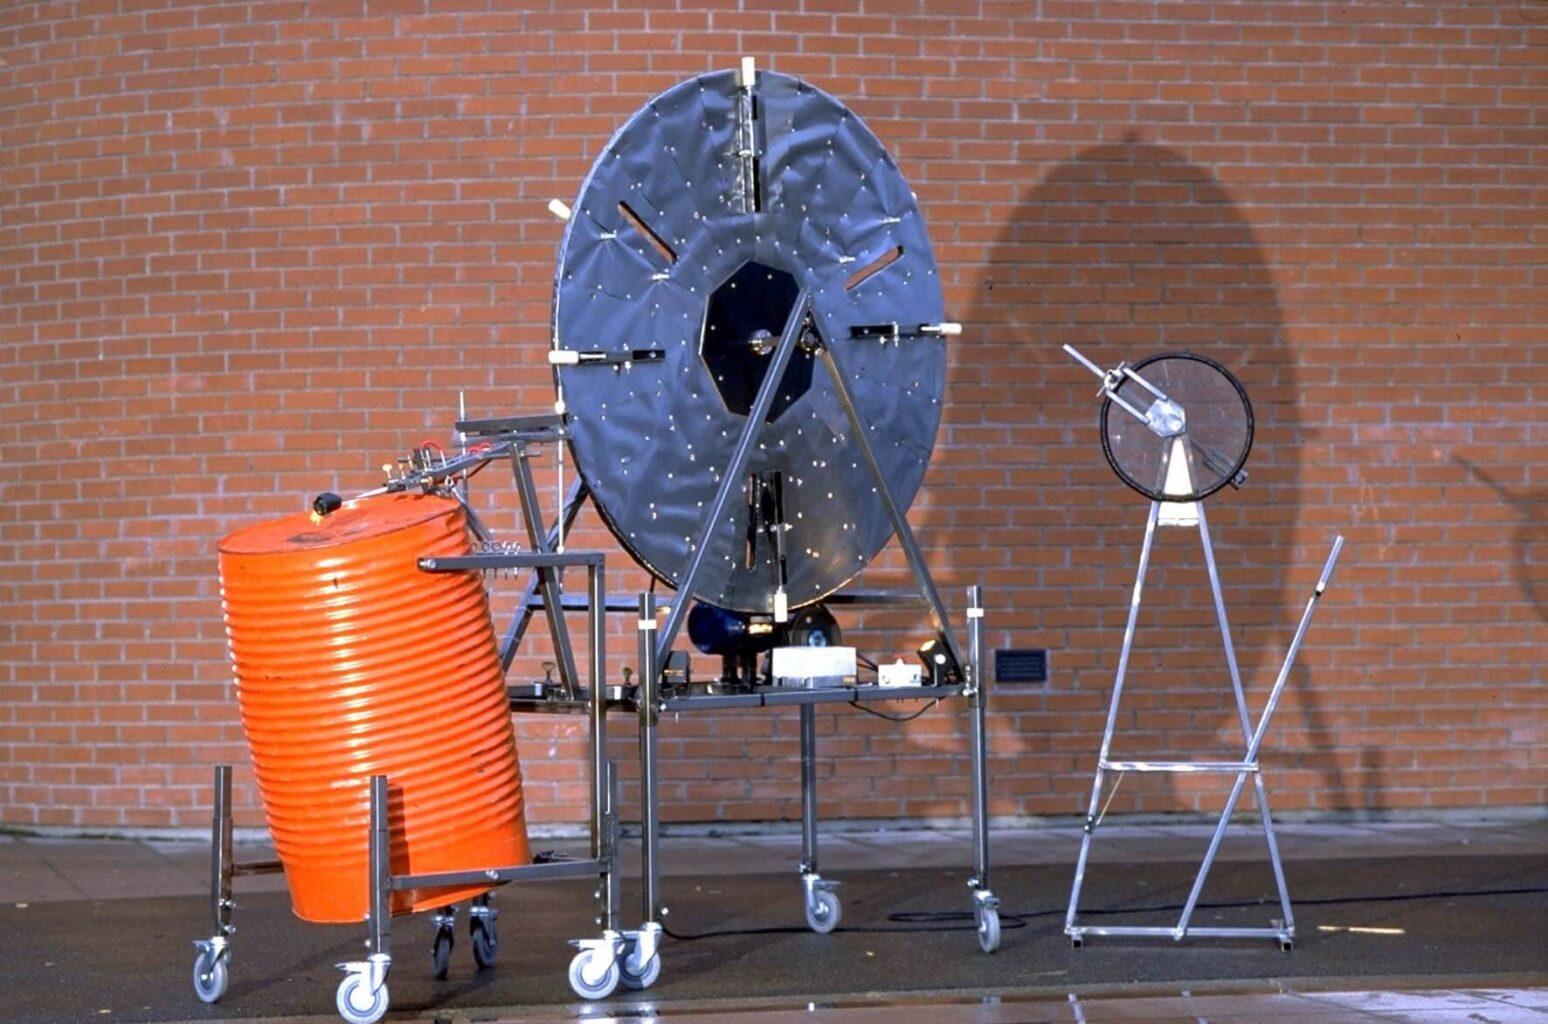 Photographie : tambour rouge-orange (fut de 200litres), frappé par des baguettes mises en oeuvre par une très grande toue métallique à programme et sa télécommande.